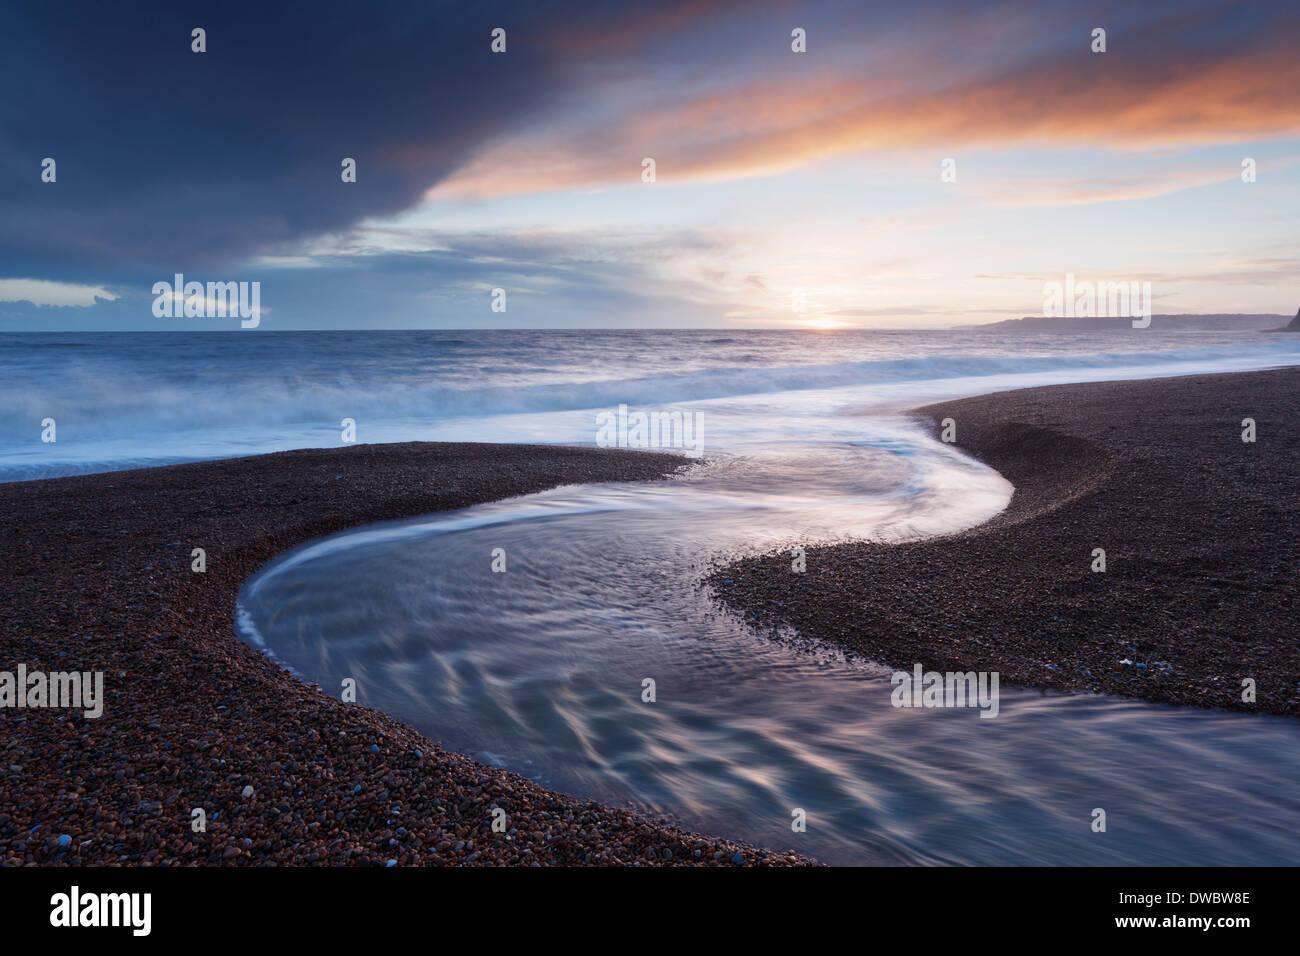 Winniford río que fluye hacia el mar en Playa Seatown. Costa Jurásica, Patrimonio de la Humanidad. Dorset. En el Reino Unido. Imagen De Stock